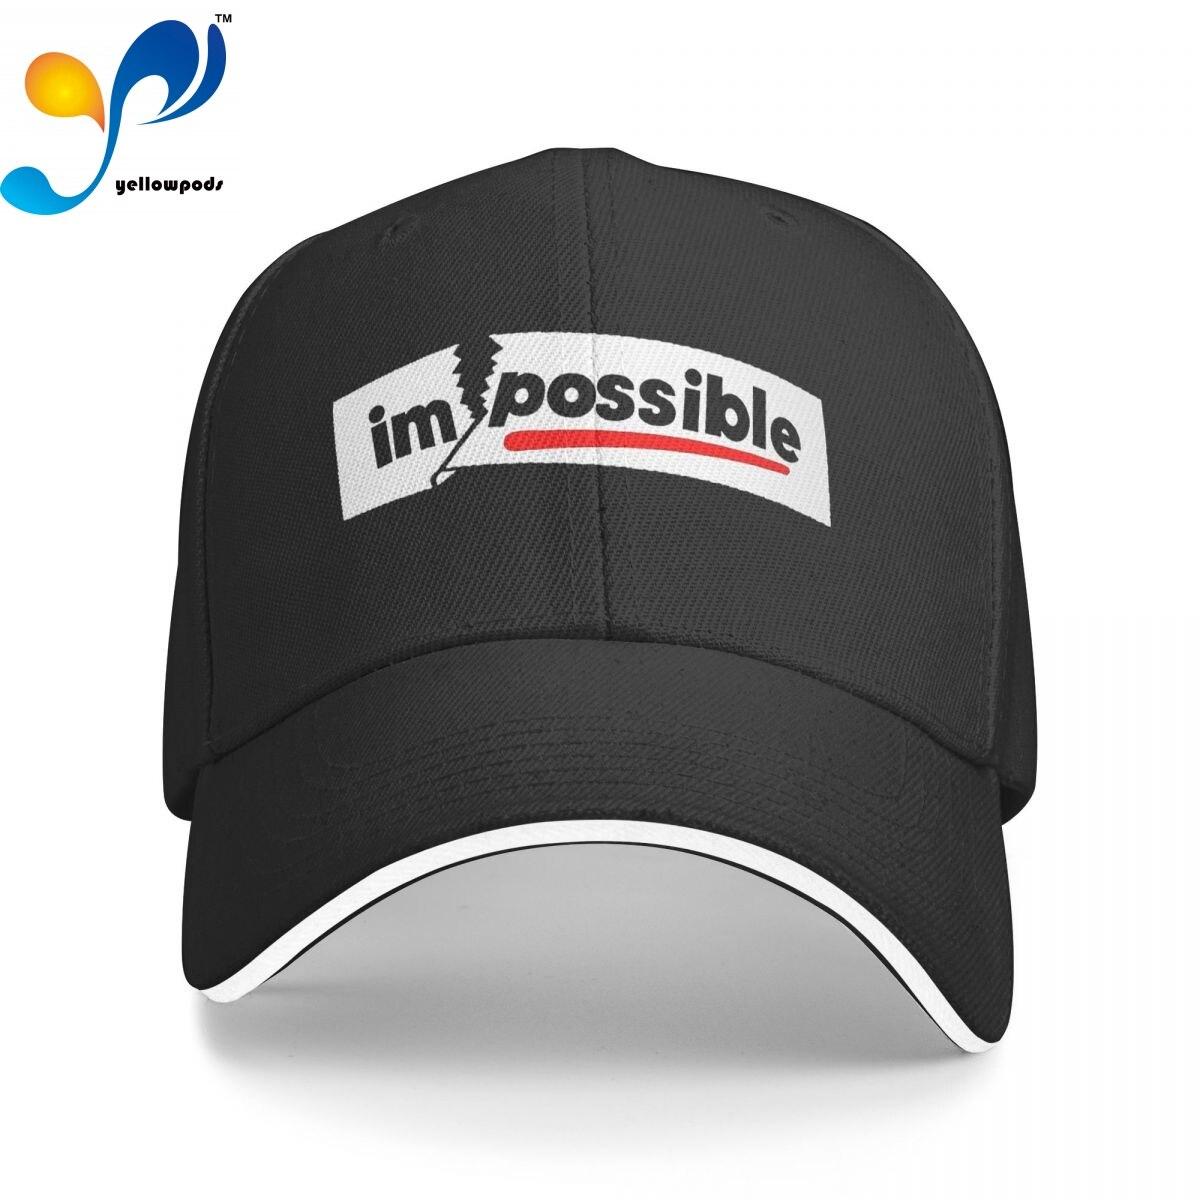 Бейсболка, мужские модные кепки с логотипом, мужская шапка для отца, кепка для мужчин, Кепка-тракер